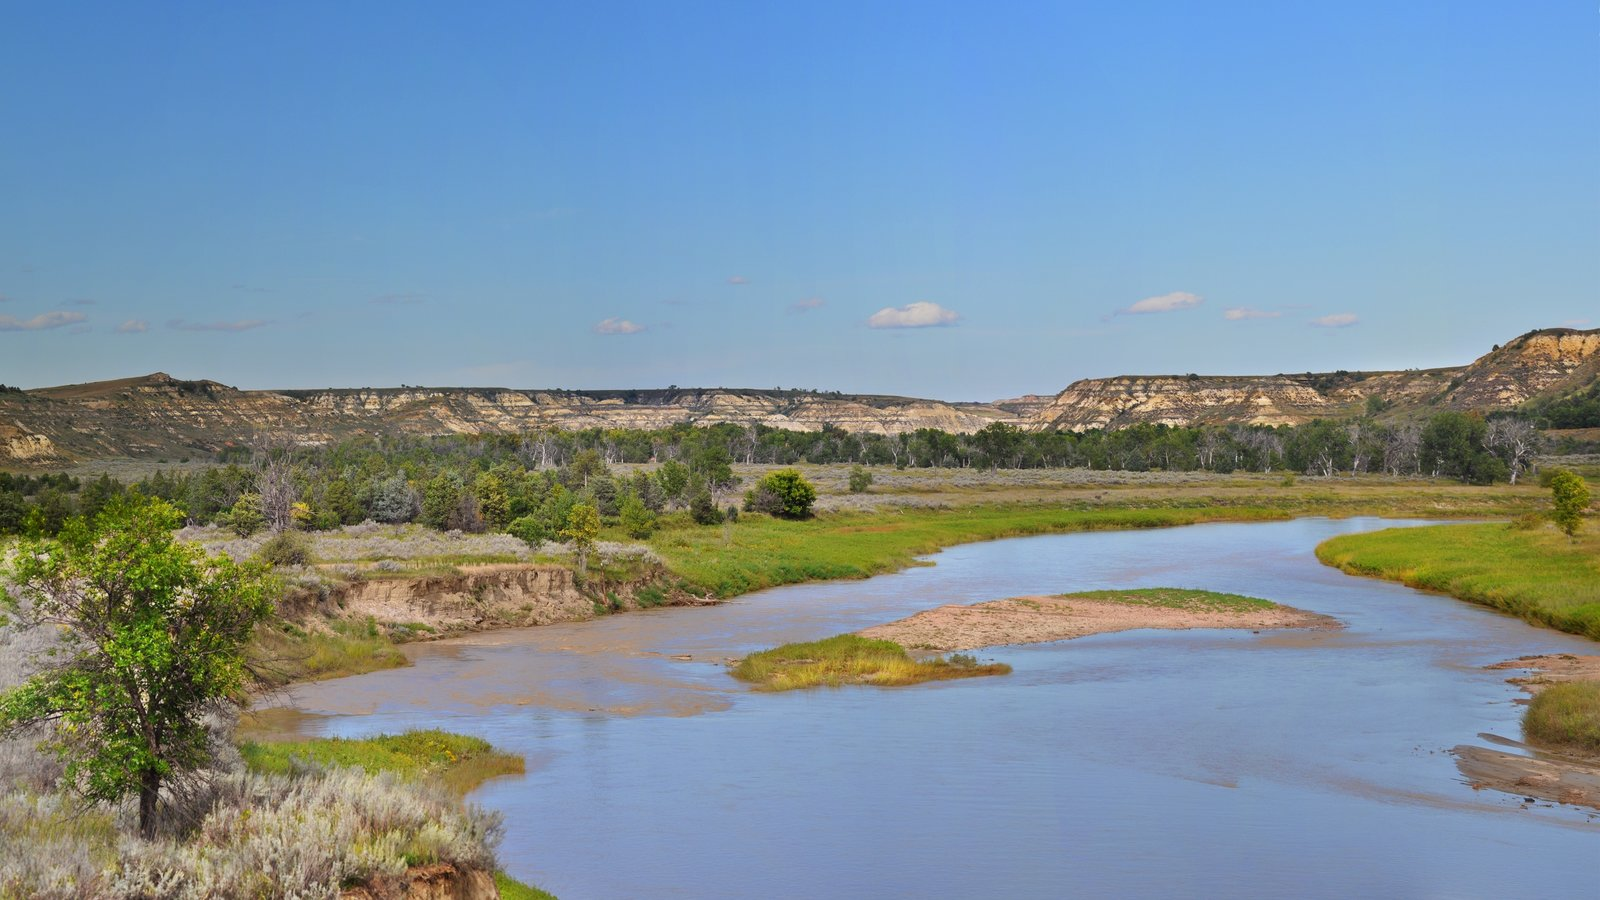 Parque Nacional de Theodore Roosevelt que inclui um rio ou córrego, paisagem e cenas tranquilas